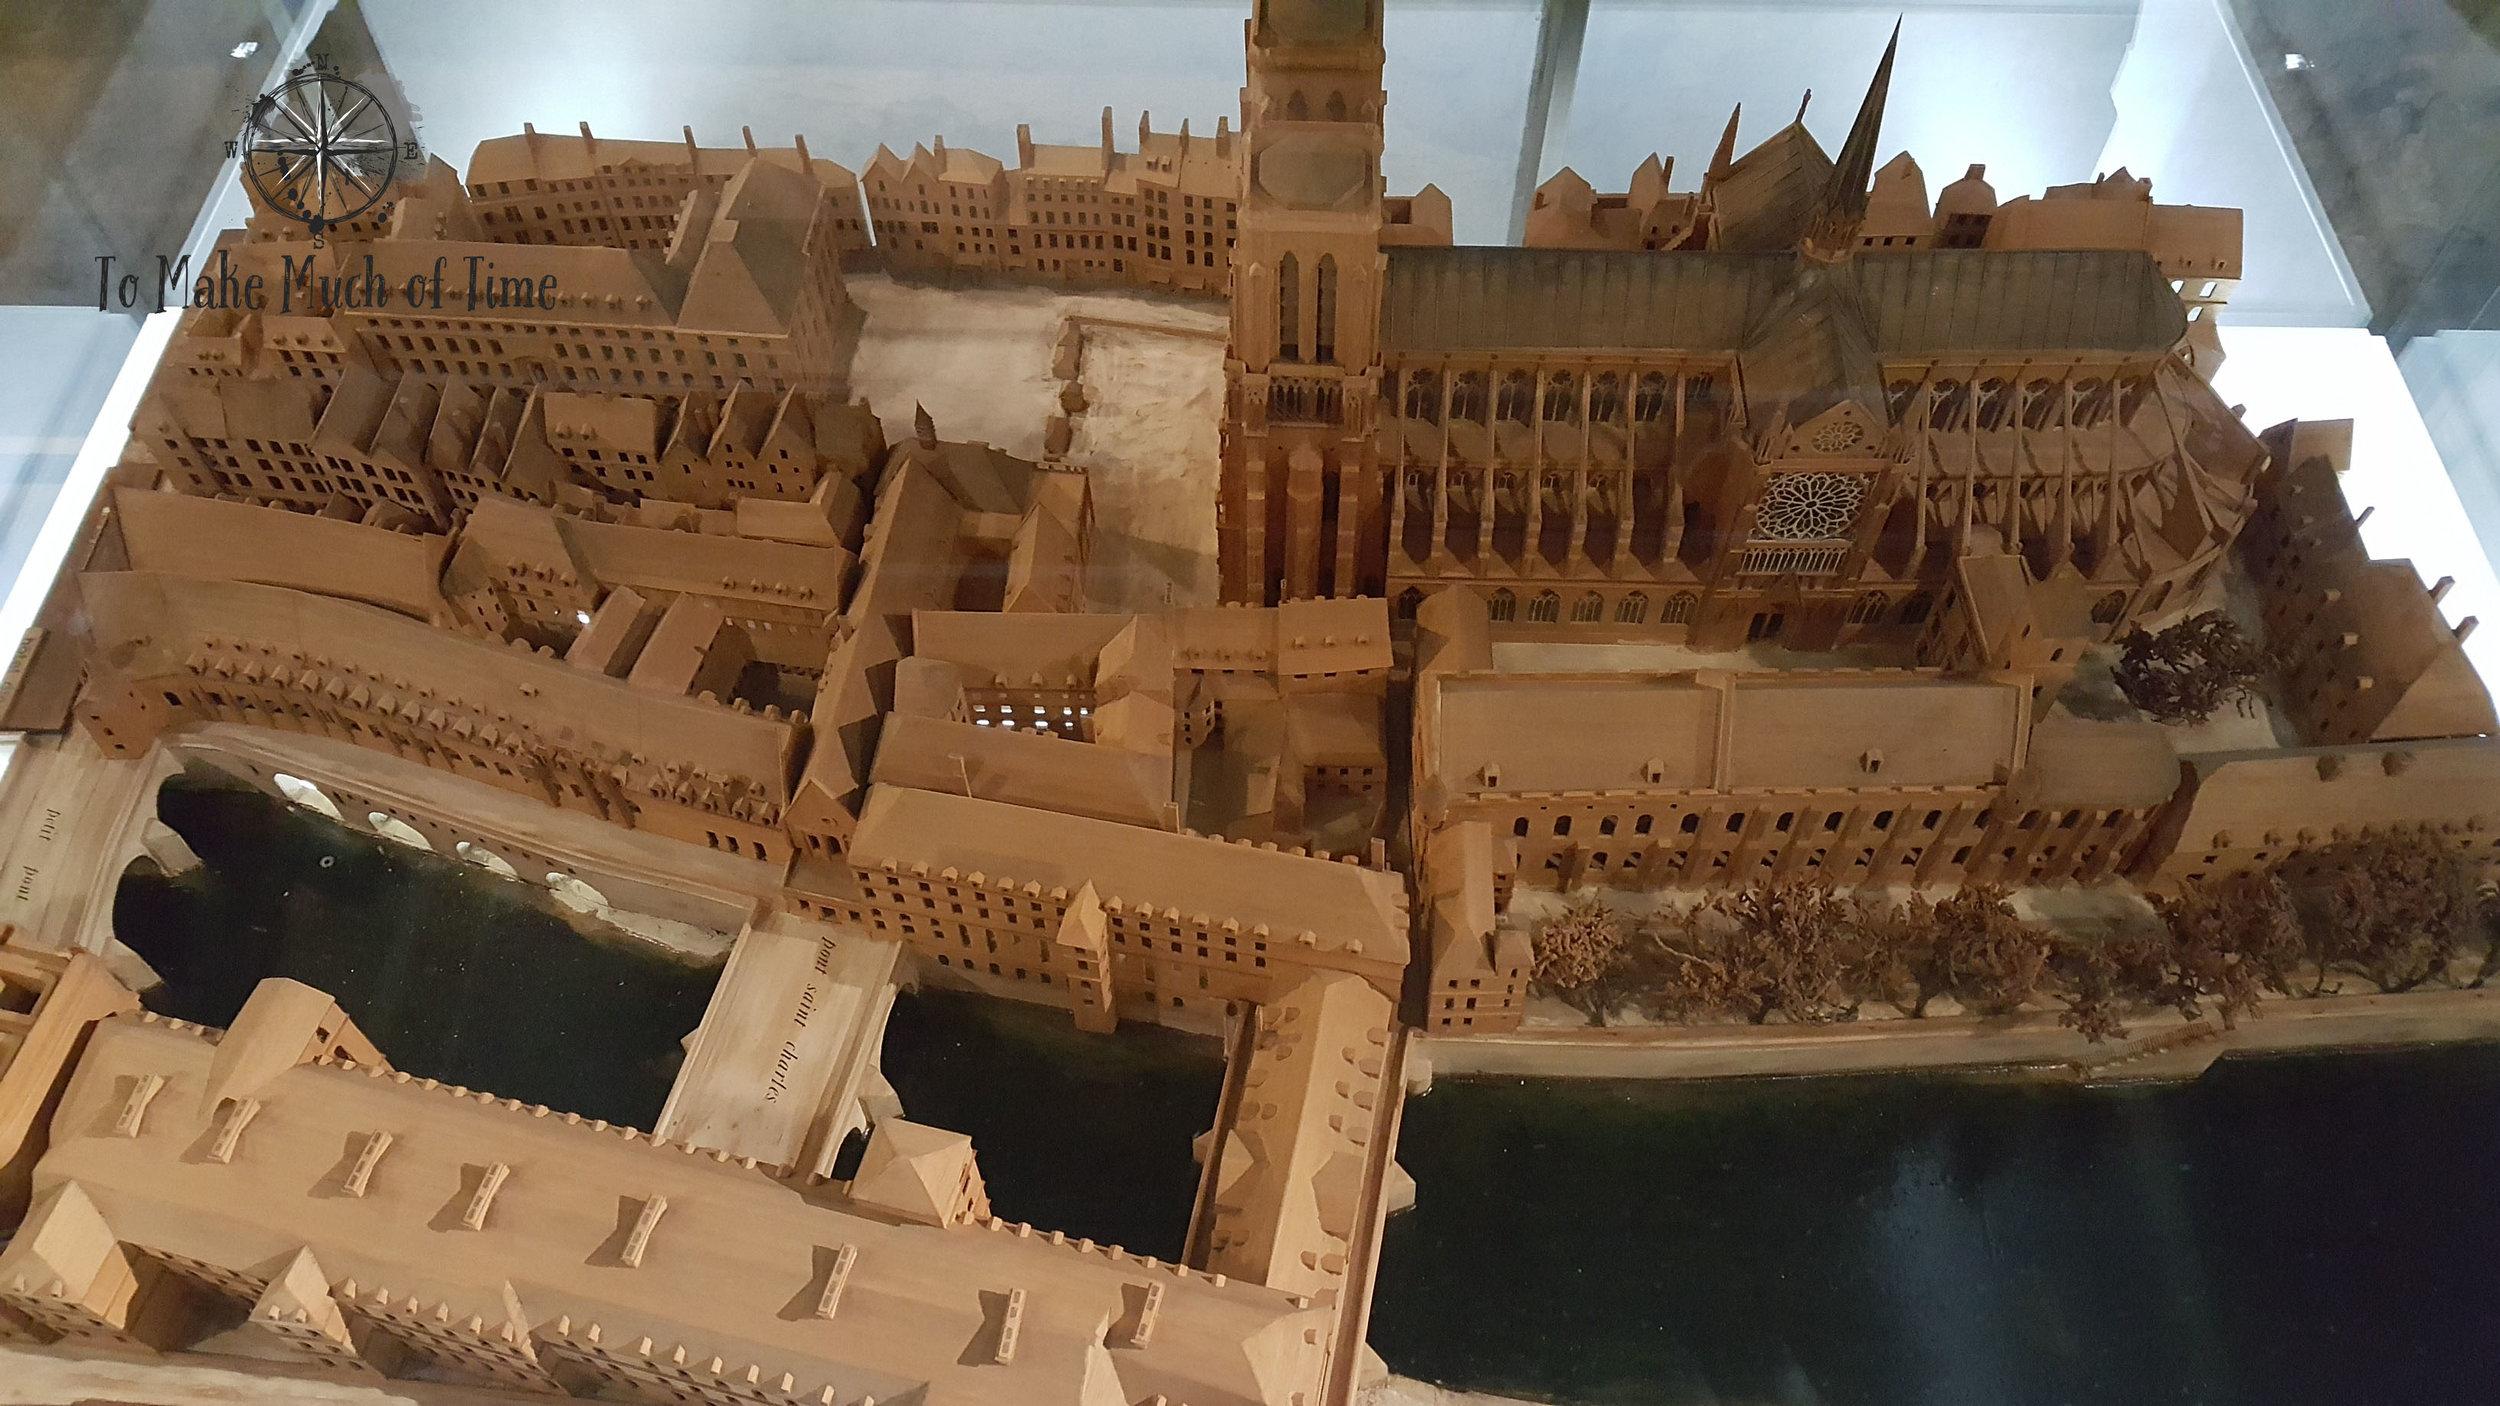 L'île de la Cité Model 1772 I Notre-Dame | Crypte archéologique | Paris France | To Make Much of TIme